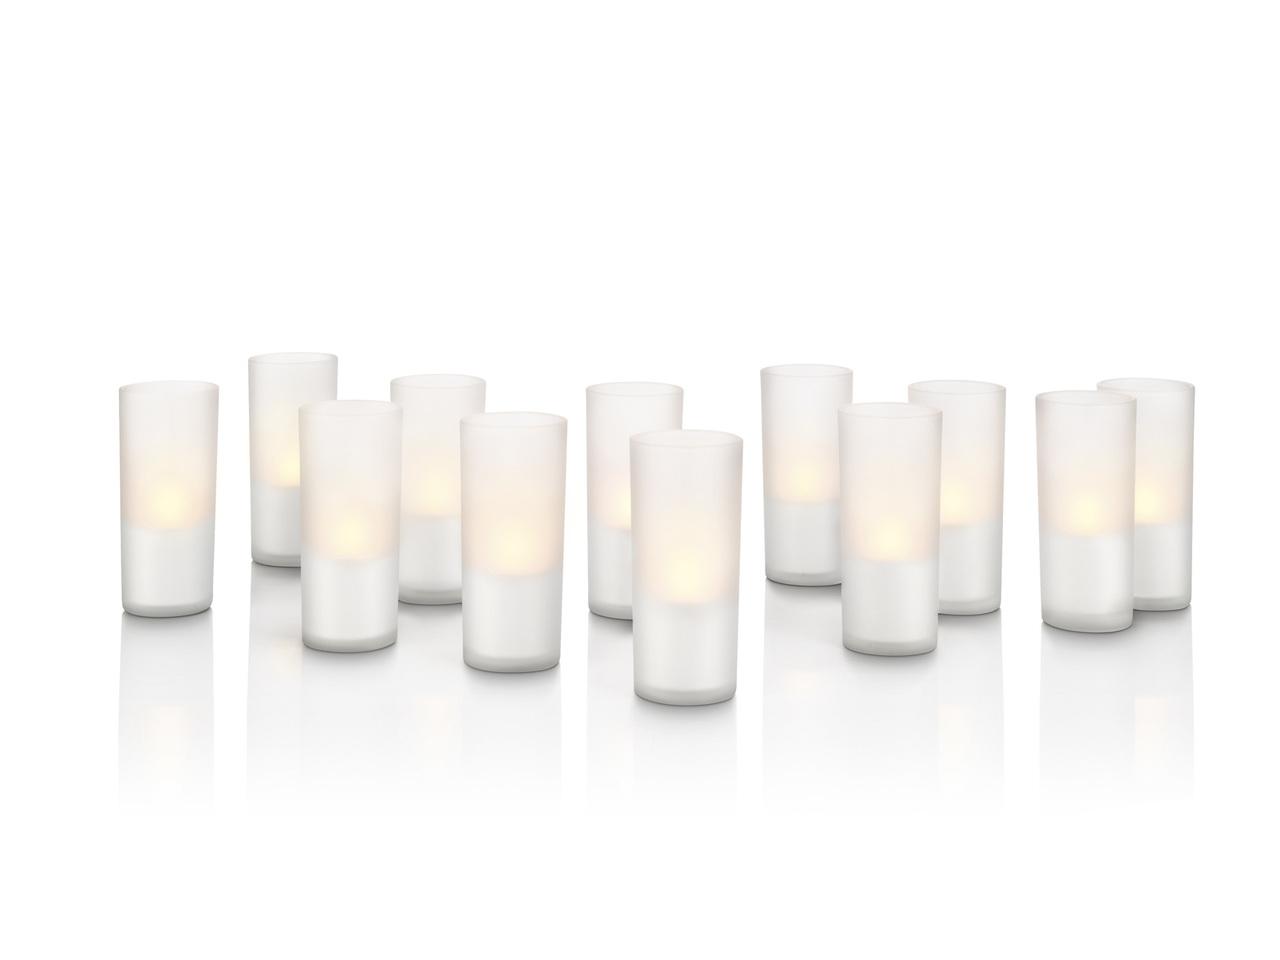 Philips LED Außen Dekoleuchte Candlelights, Wei...